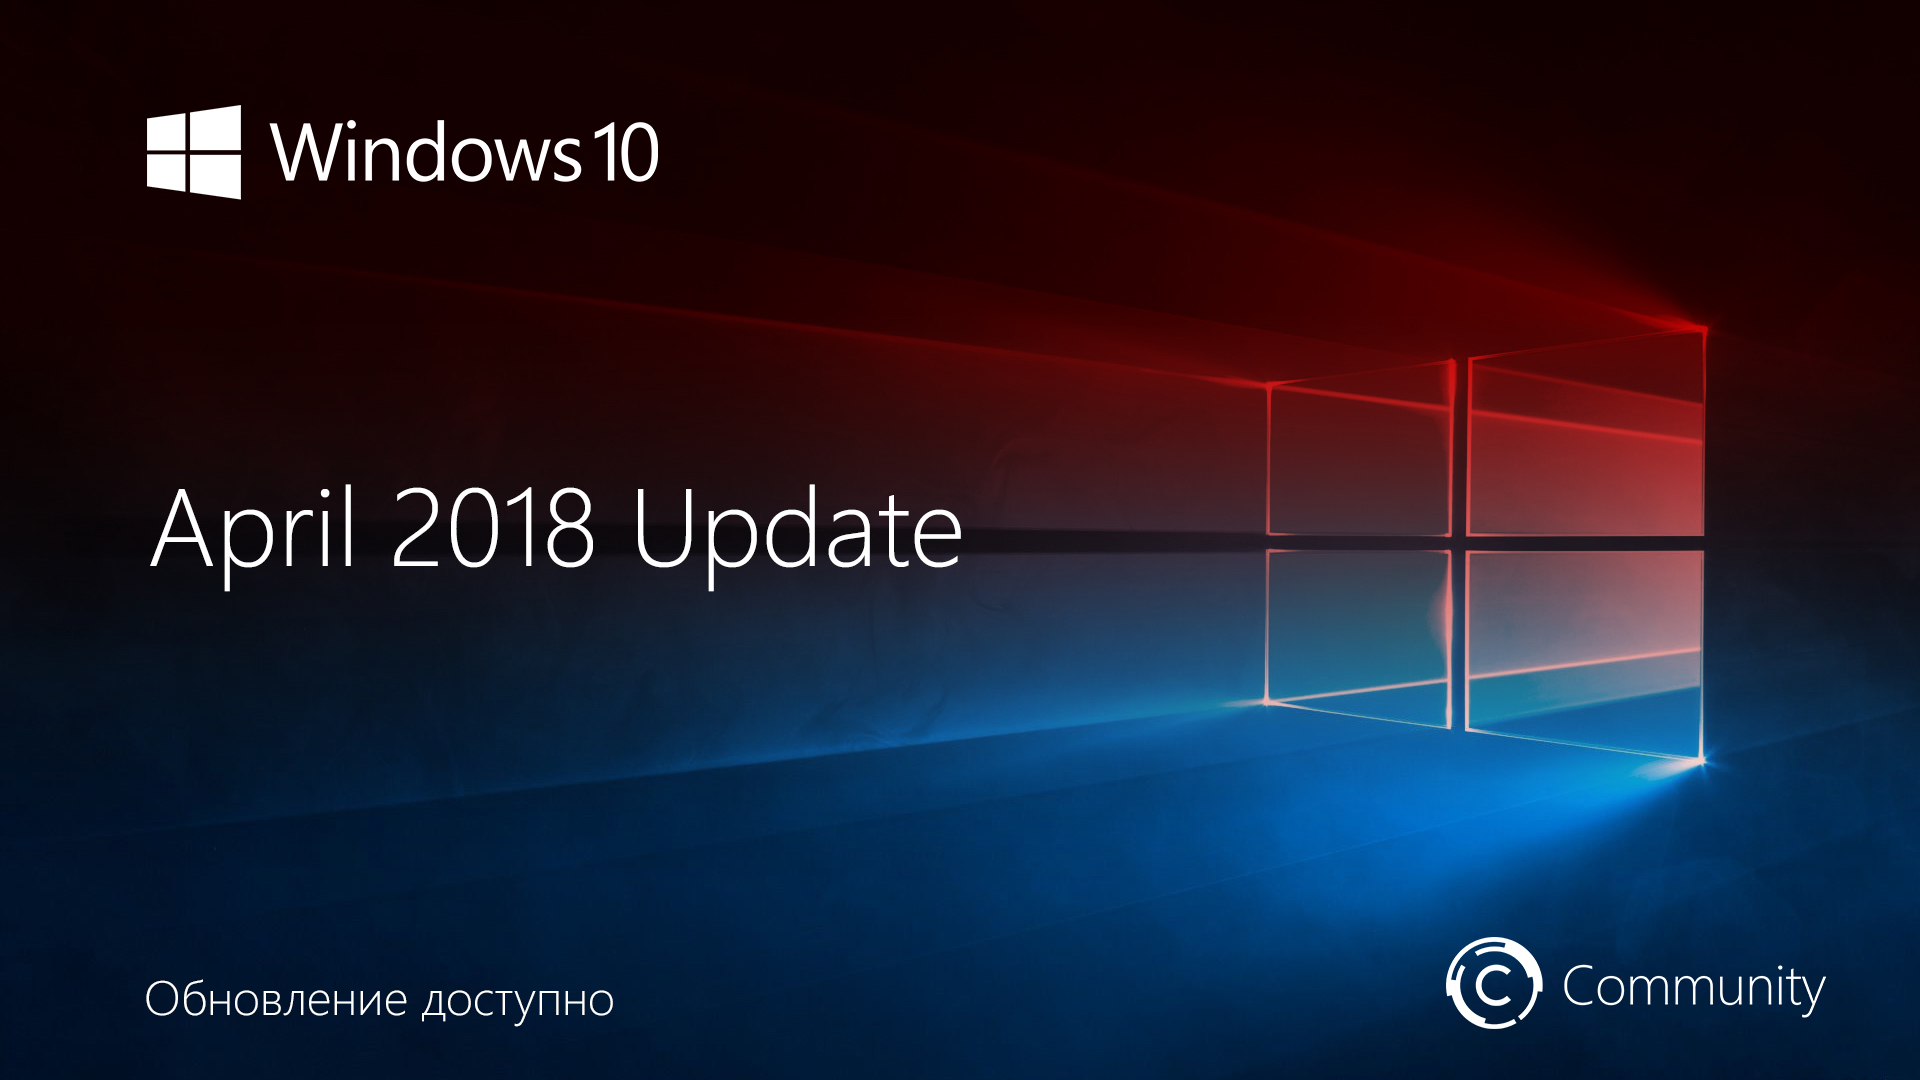 Коренные обновления: вскоре сызранцам будет доступна улучшенная Windows 10